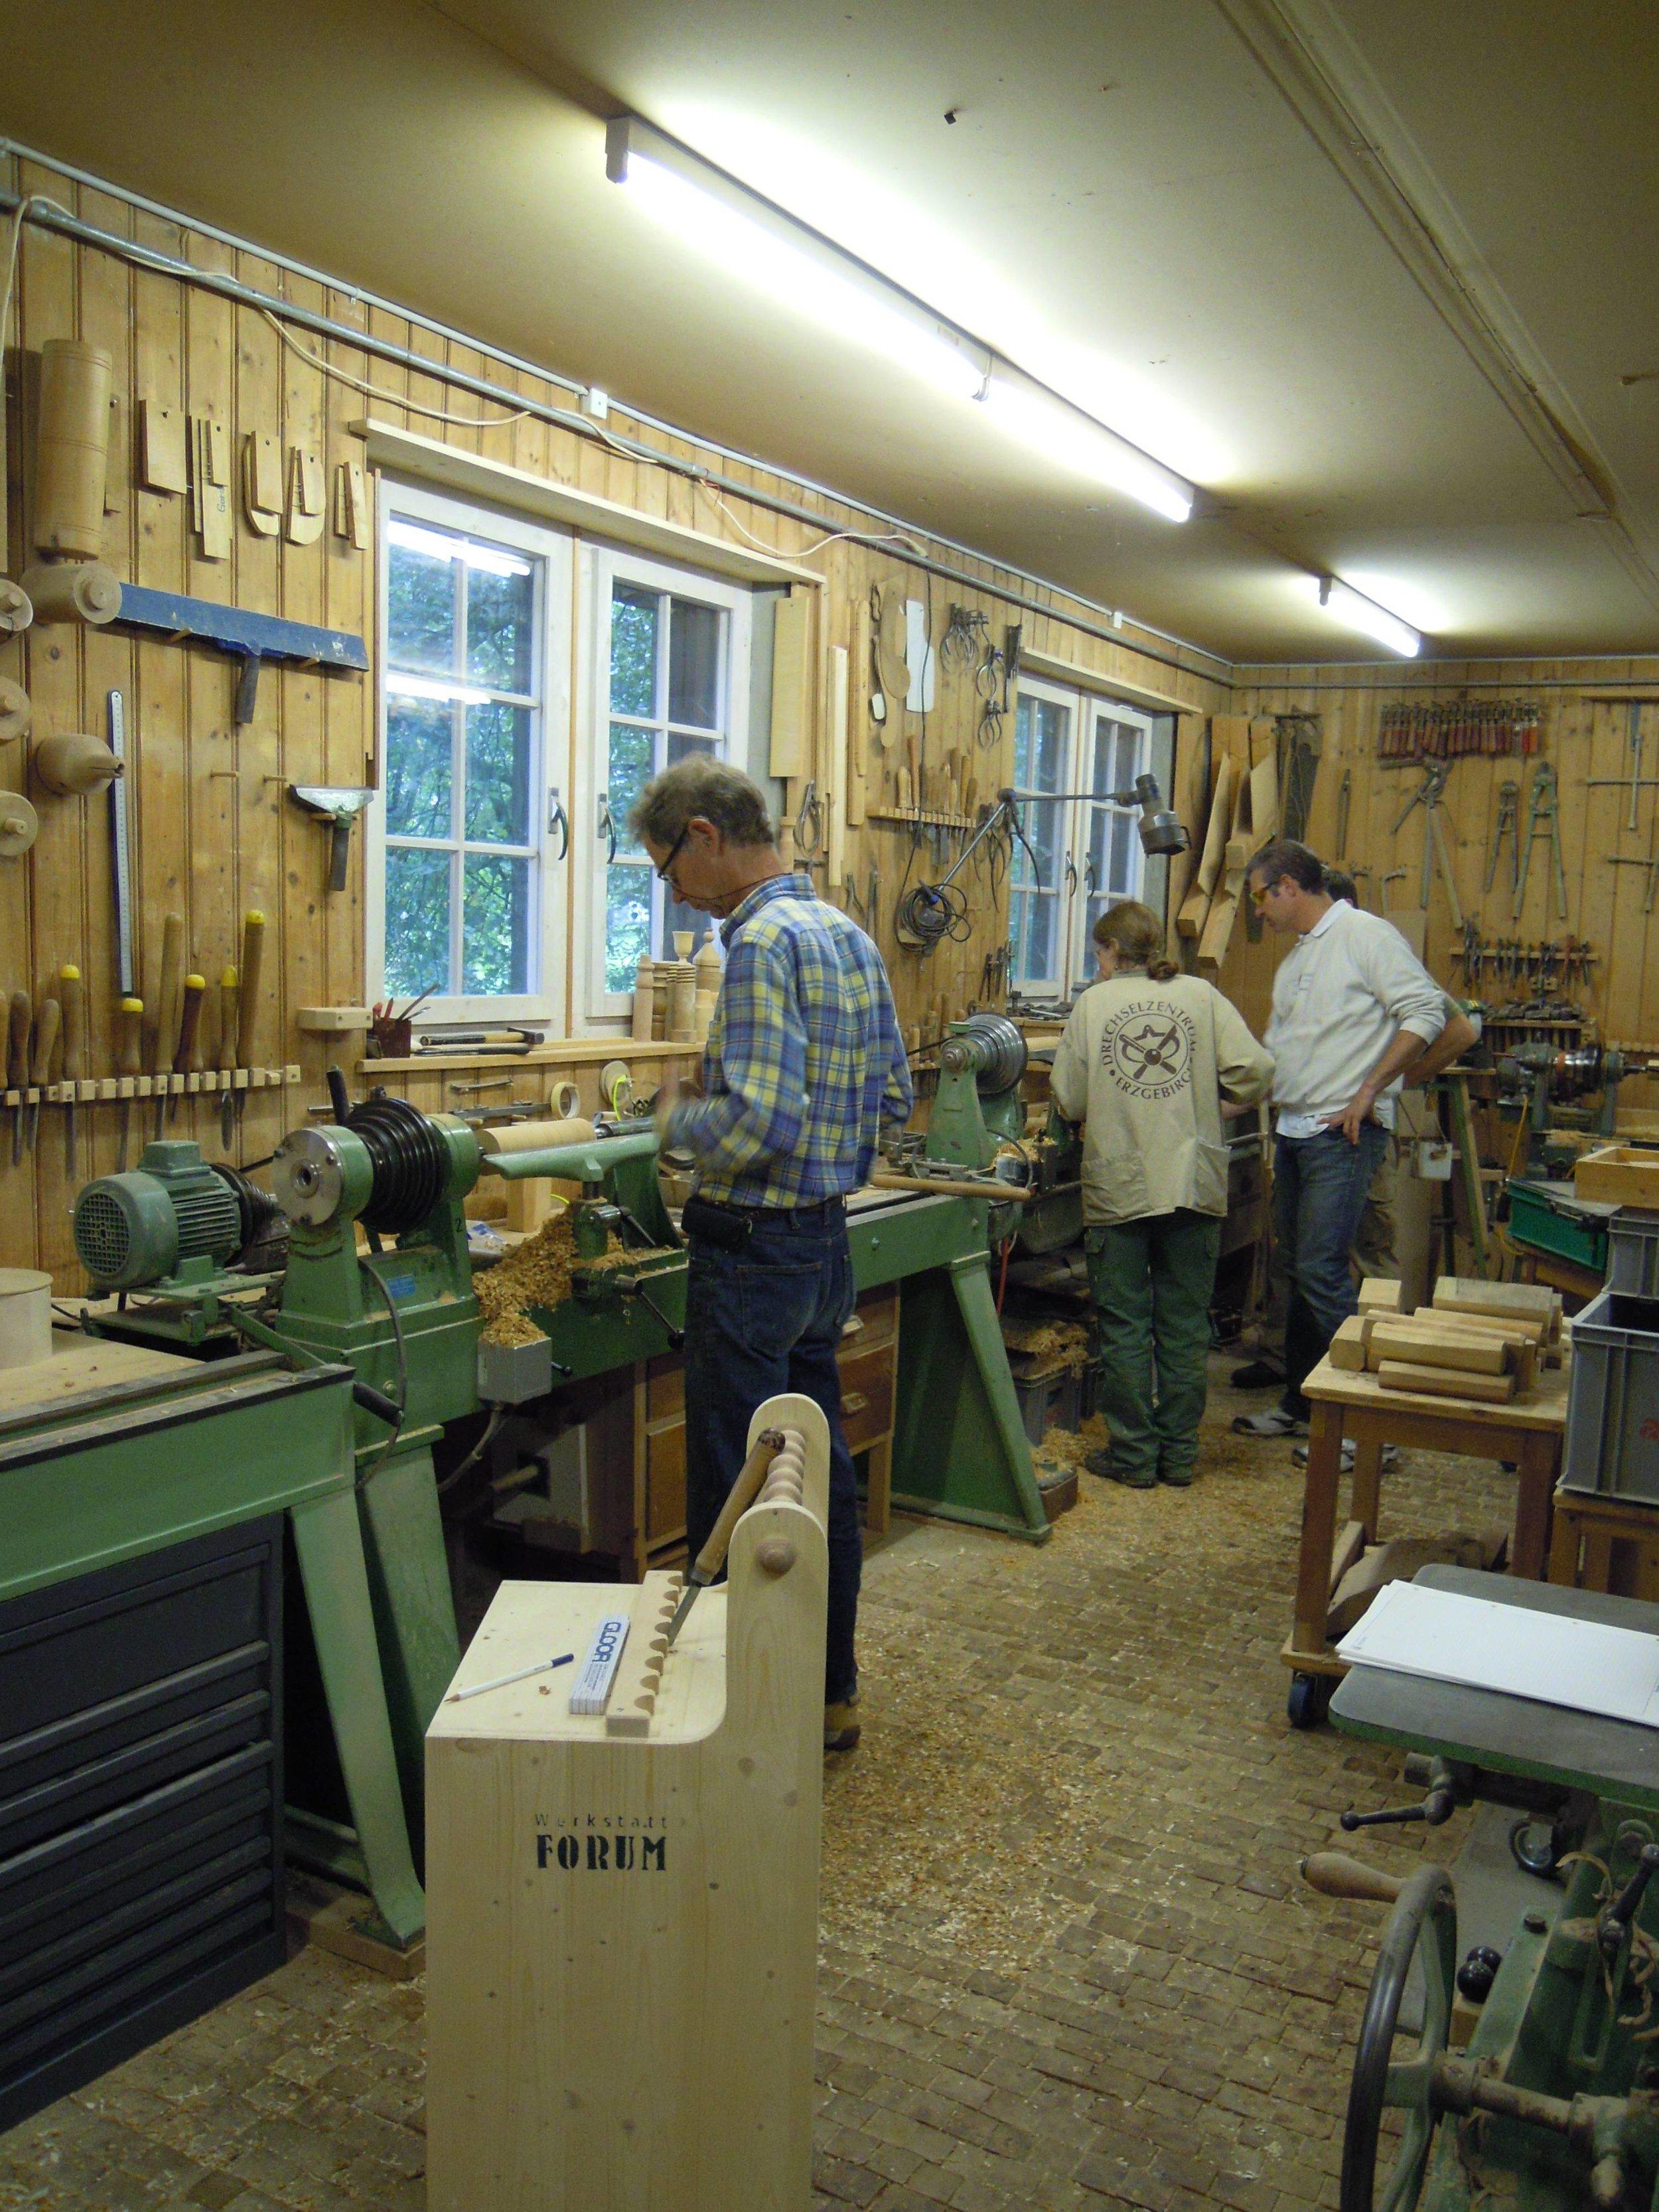 Werkstattforum DSCN1747.jpg